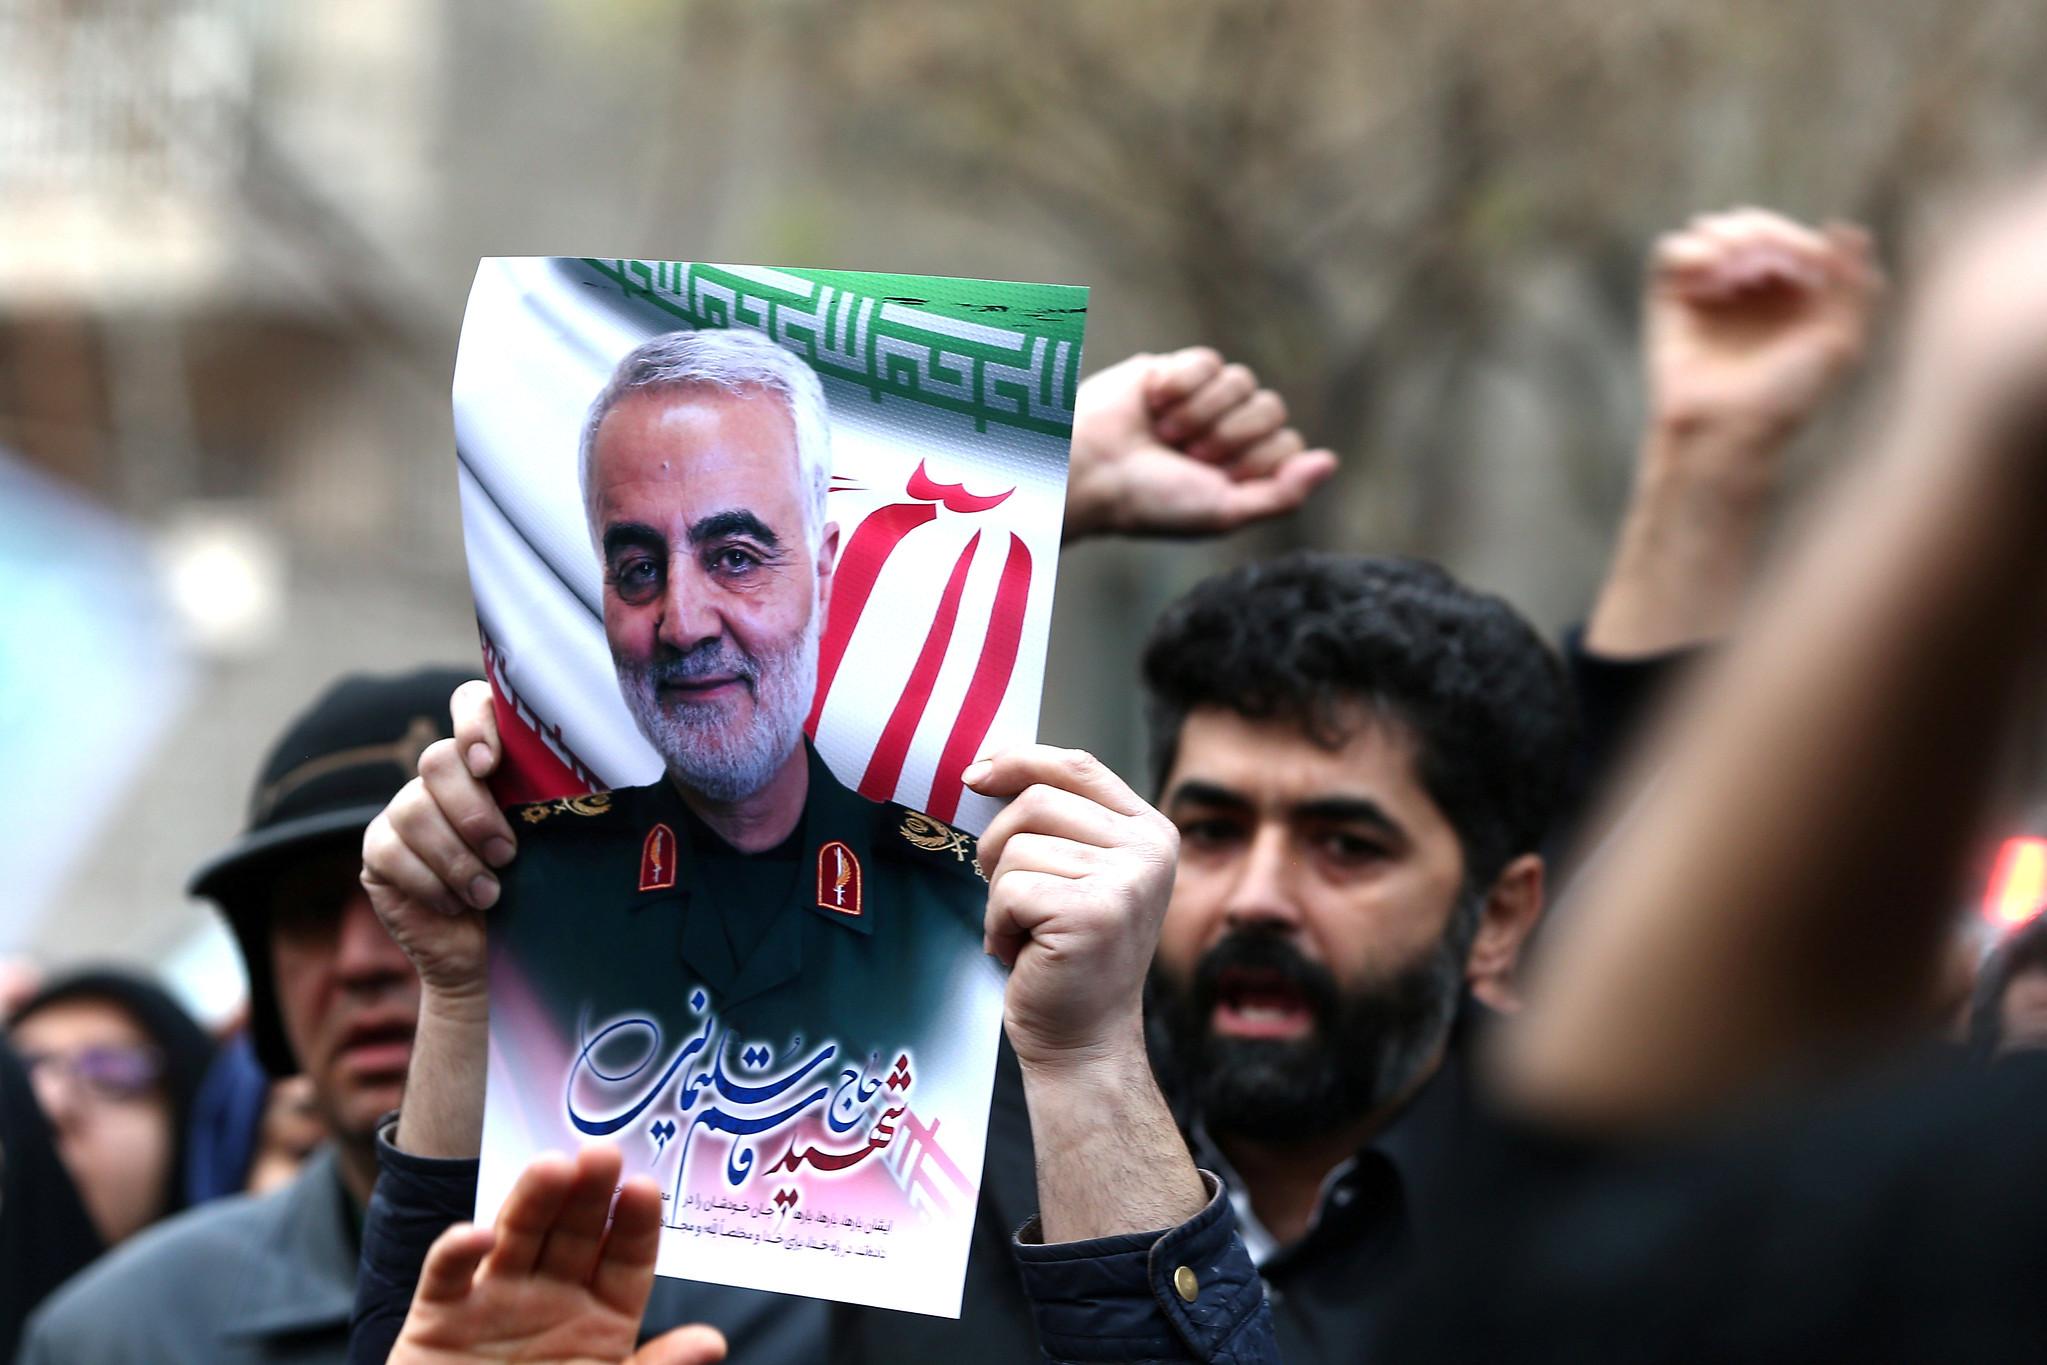 伊朗示威者抗議美國殺害伊朗將領蘇萊曼尼。(圖片來源:Nazanin Tabatabaee/West Asia News Agency)